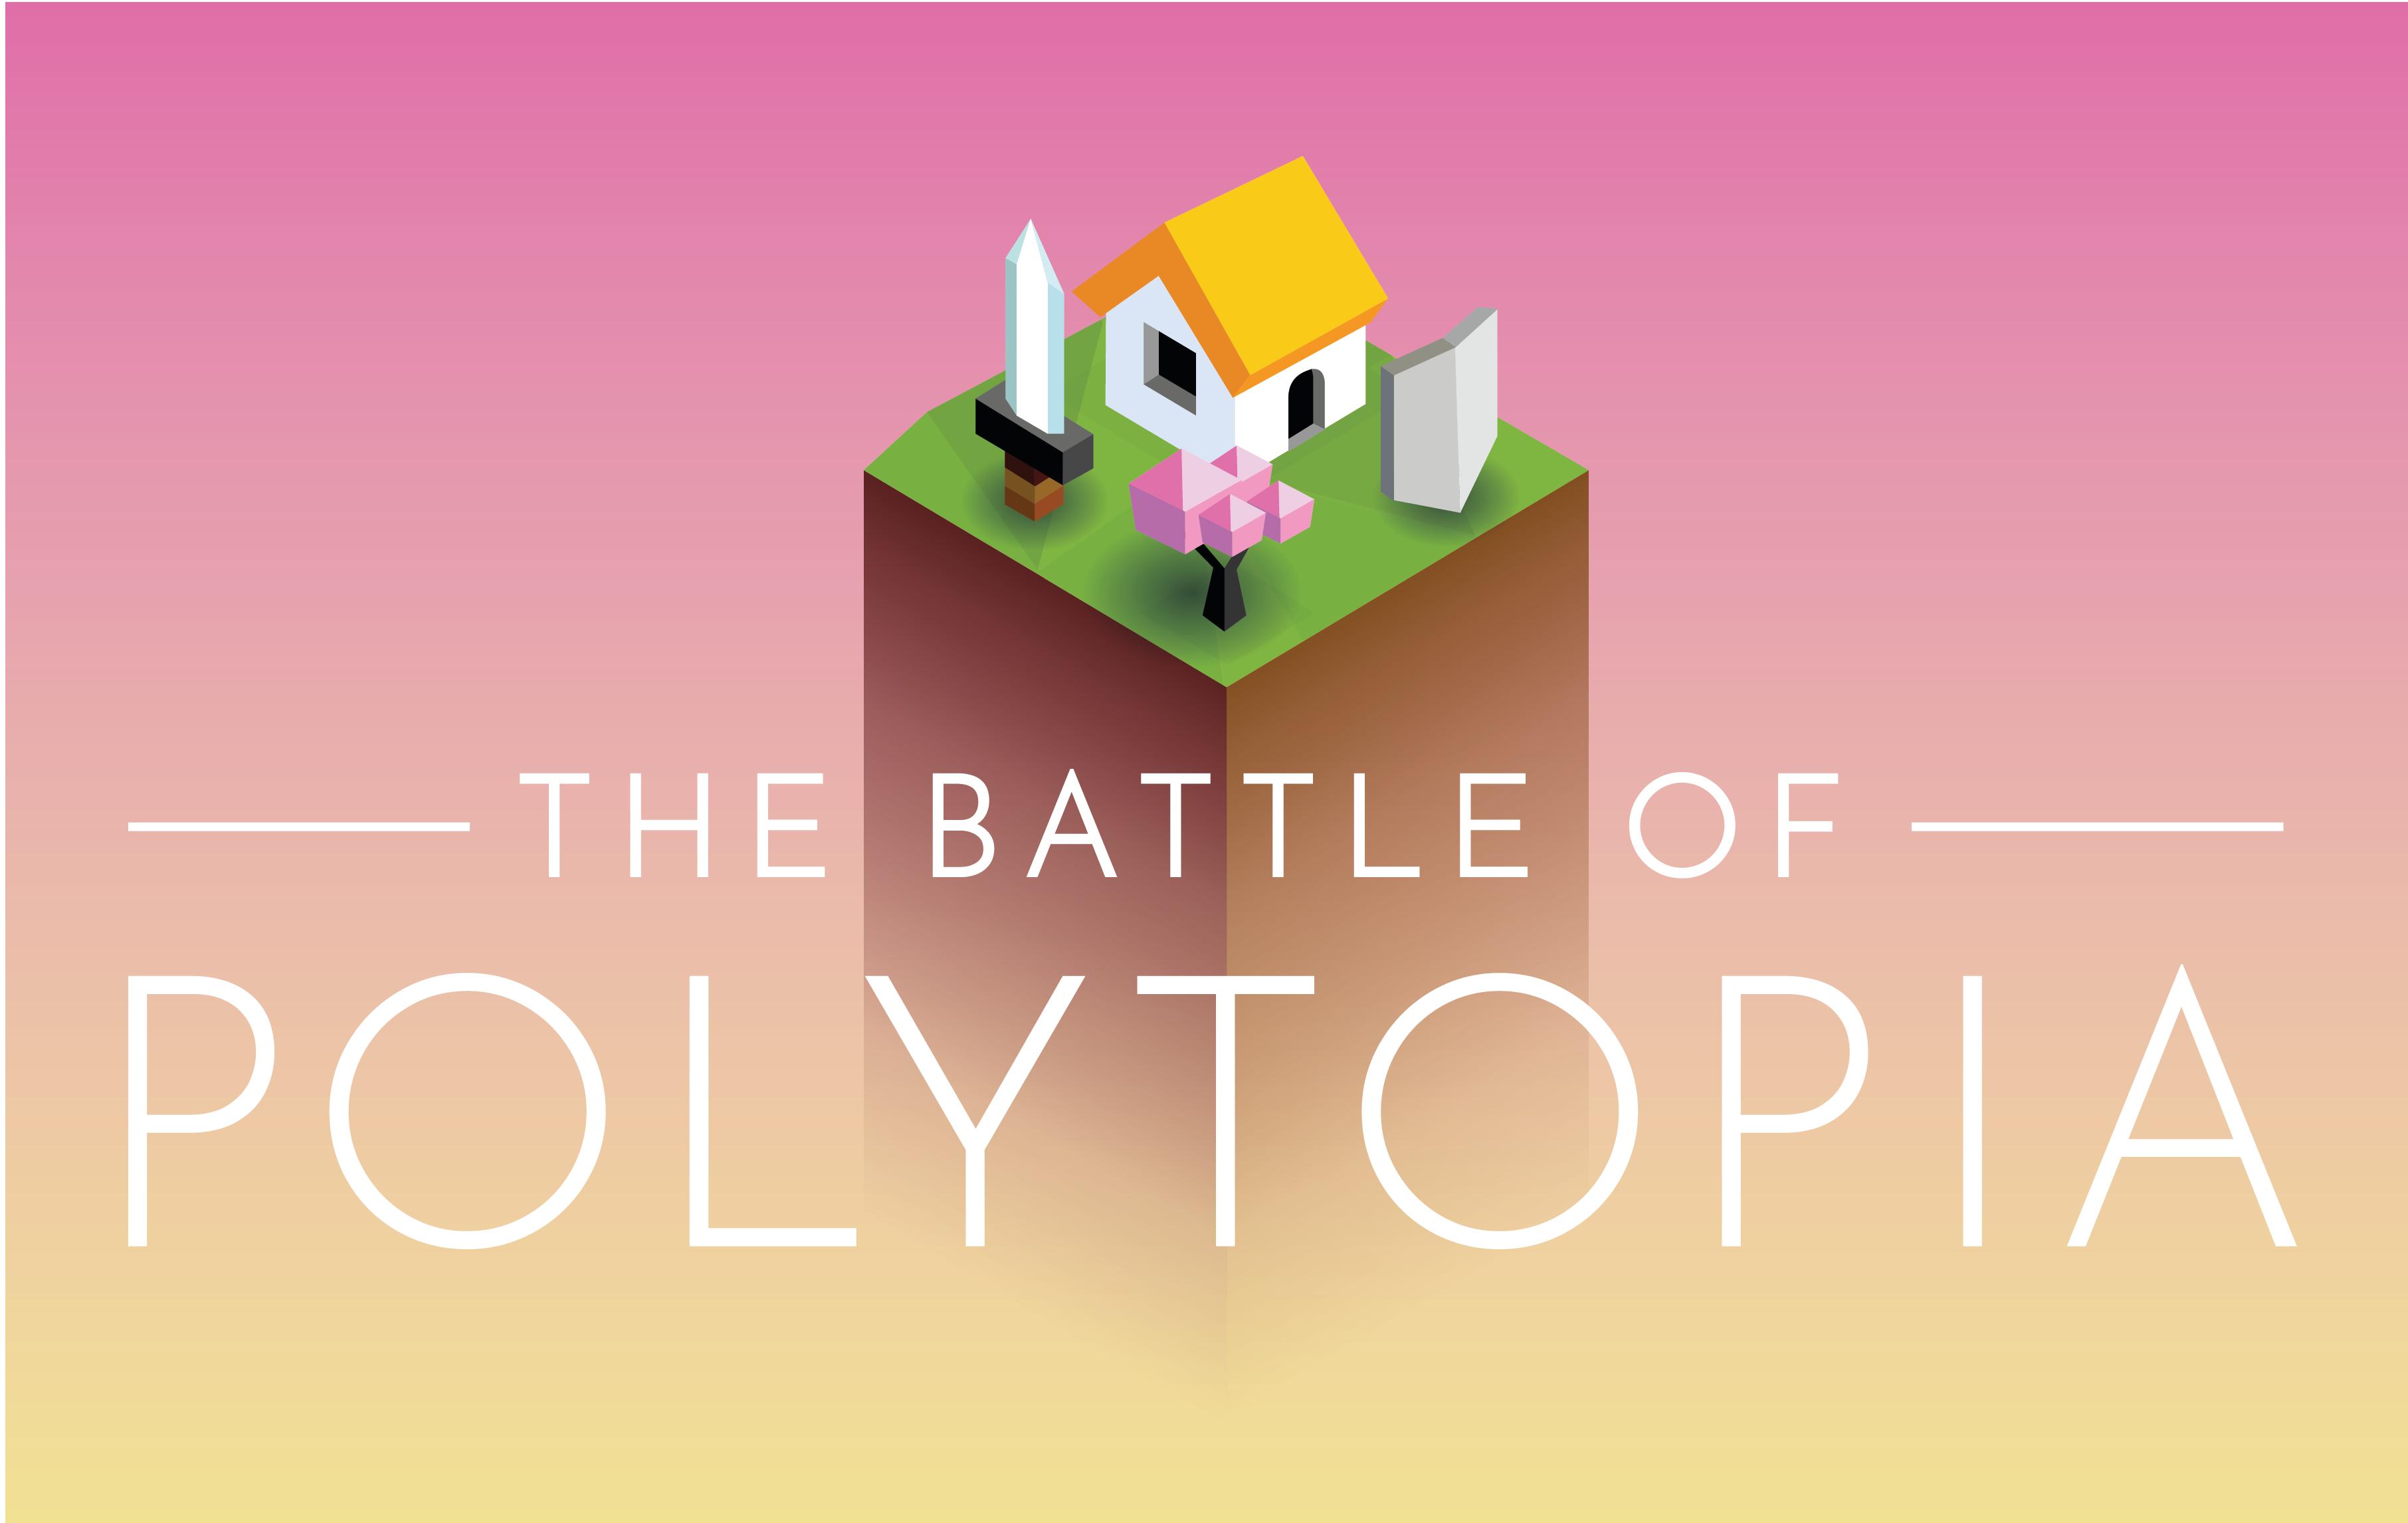 The Battle of Polytopia Logo